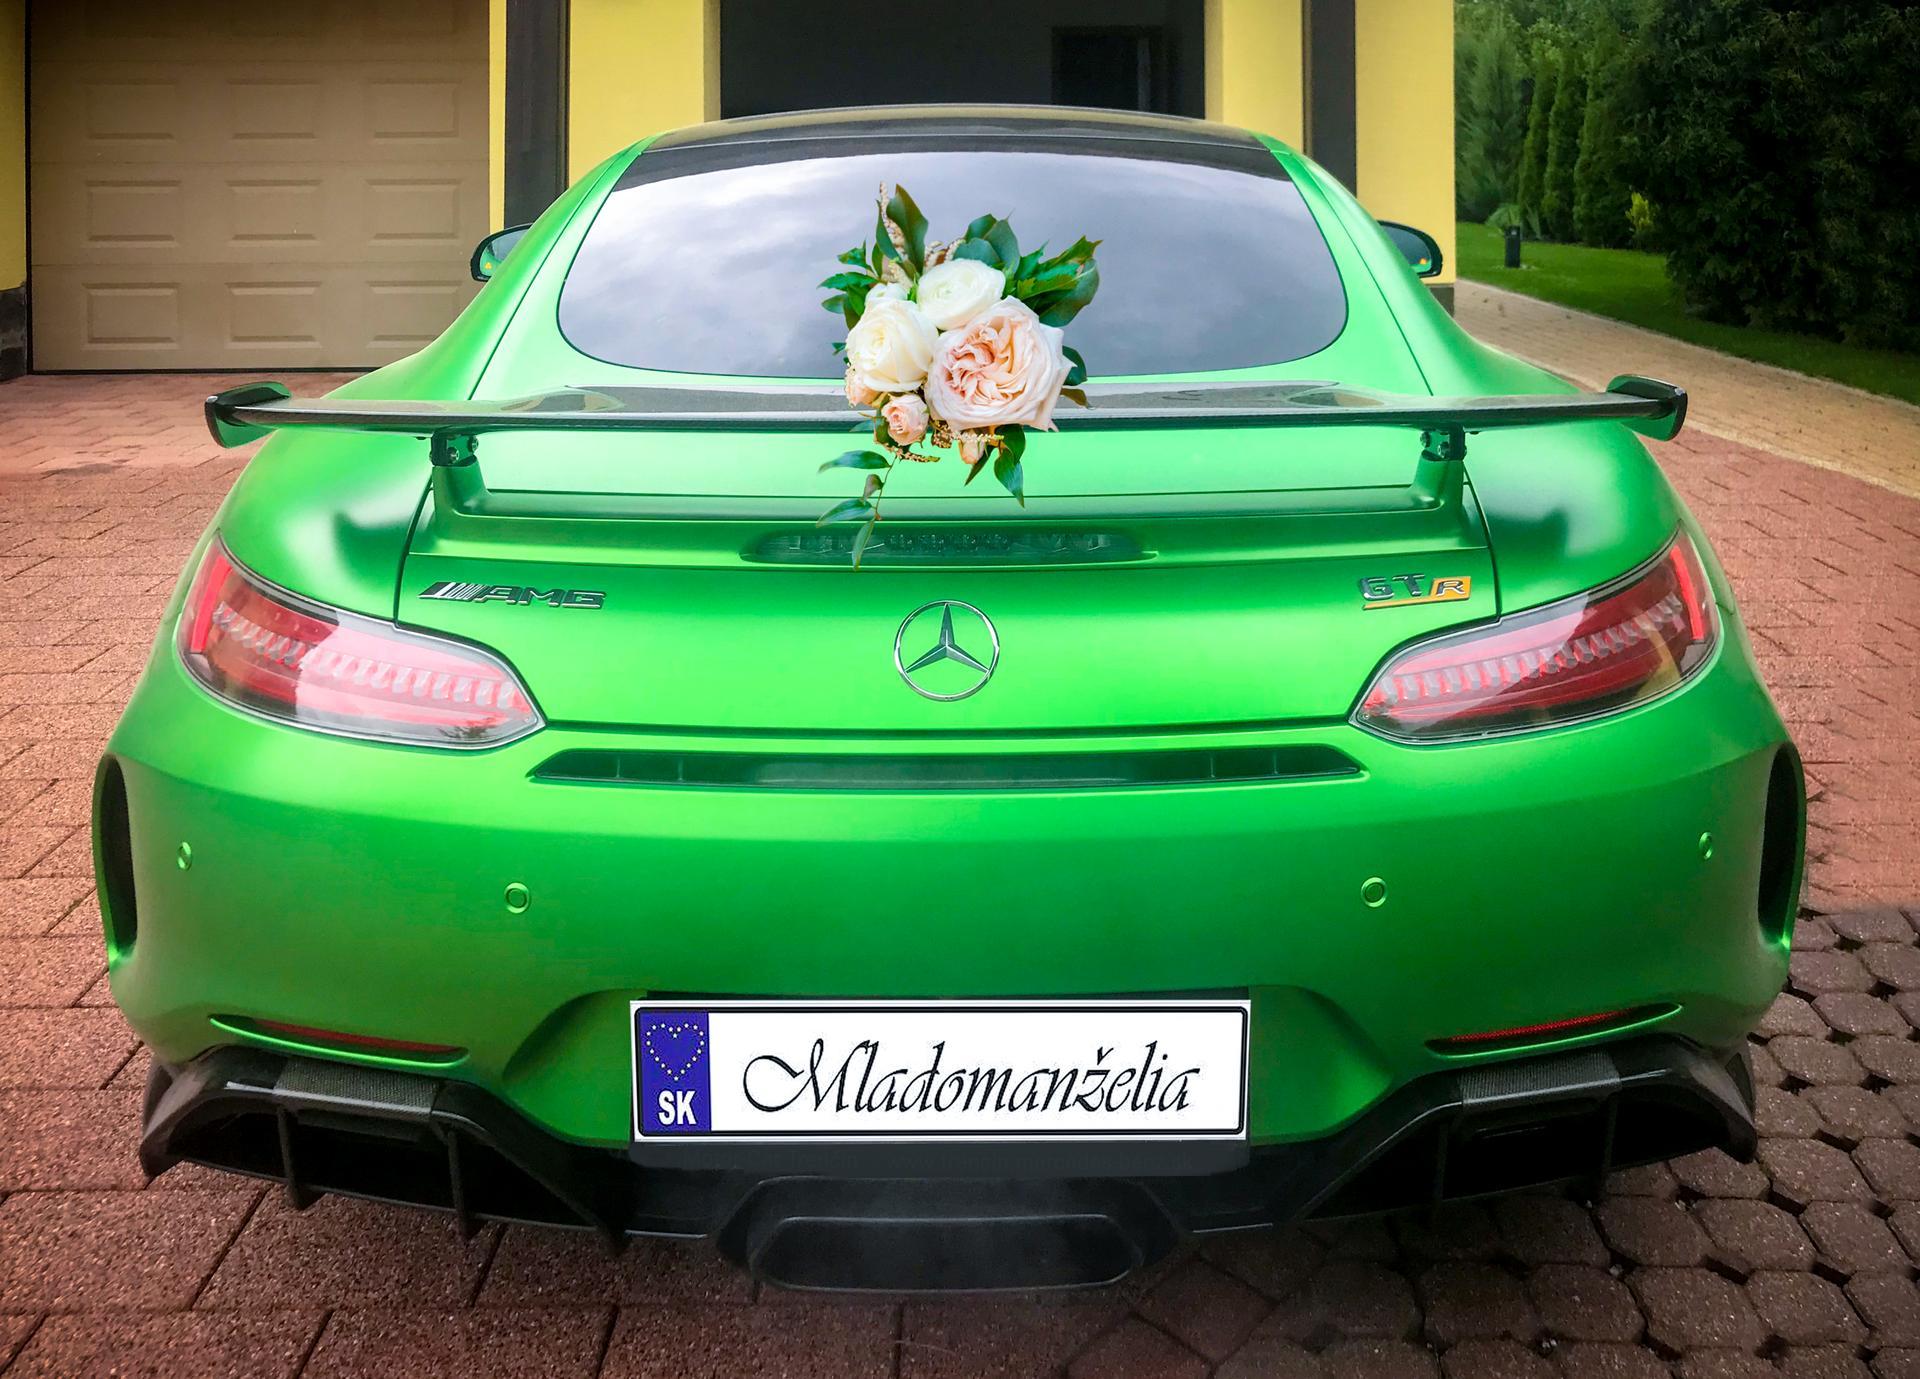 Výnimočný deň = výnimočné auto :-o luxcarsrental.sk - Obrázok č. 1